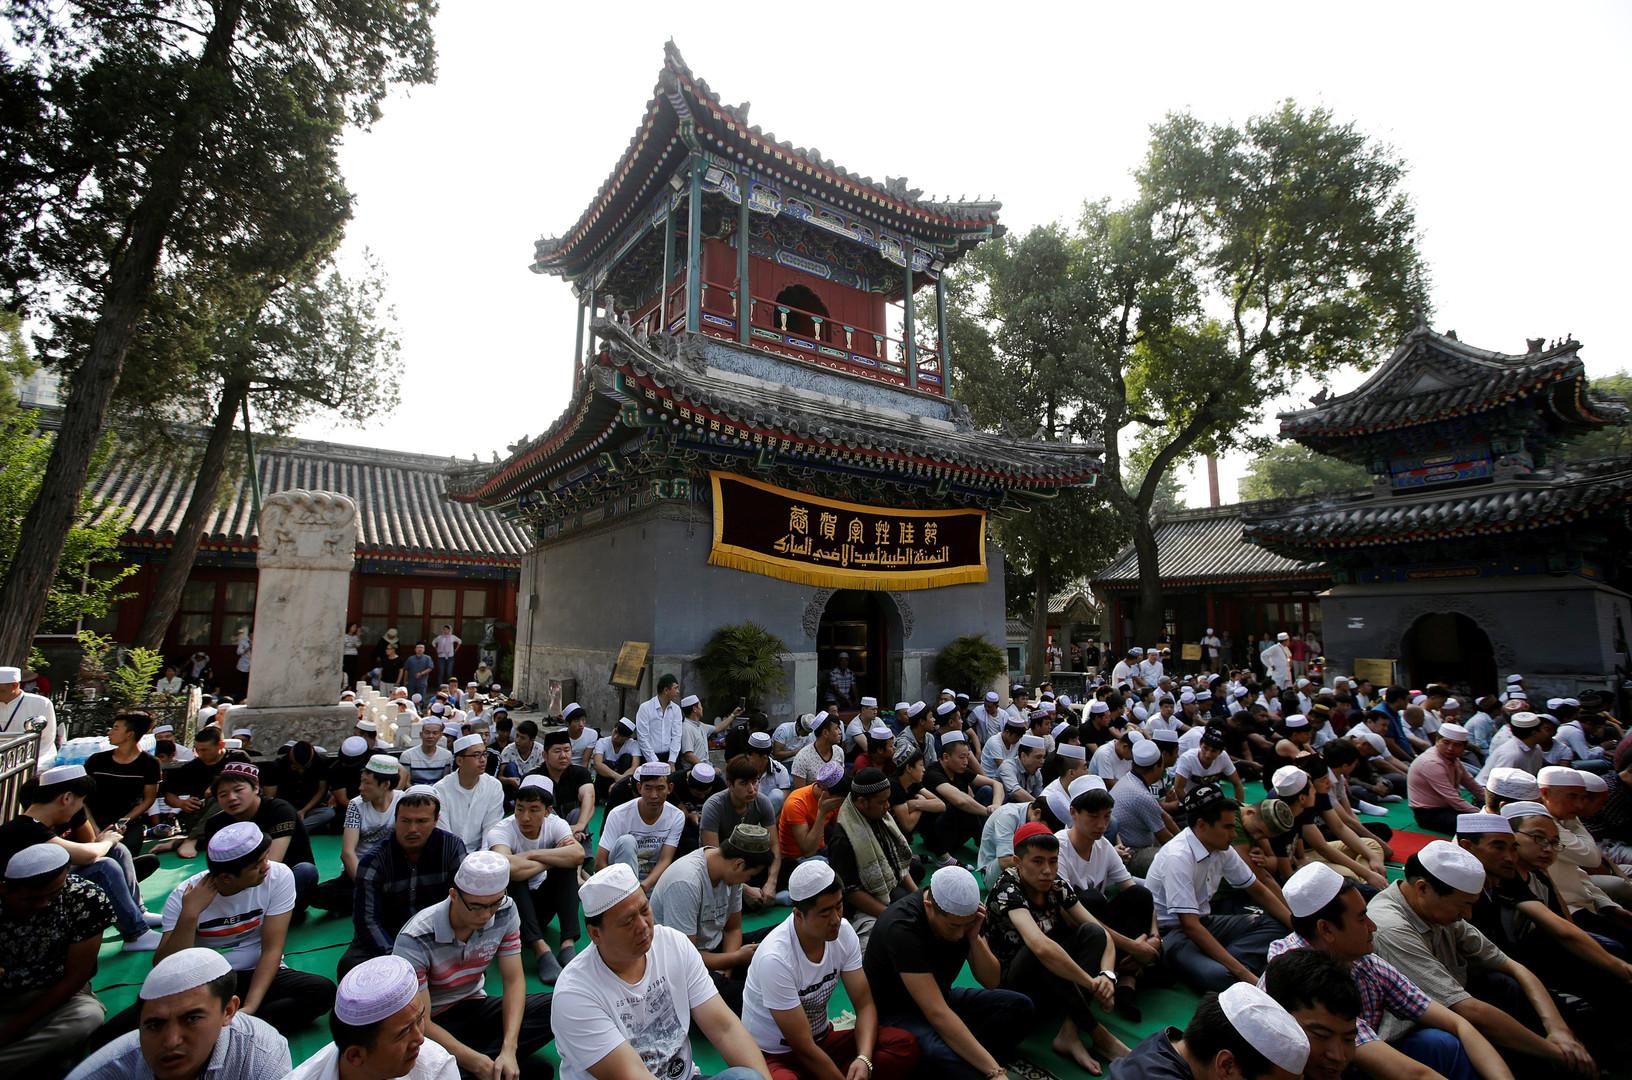 En Chine aussi, des musulmans célèbrent l'Aïd – ici dans une mosquée de Beijing.